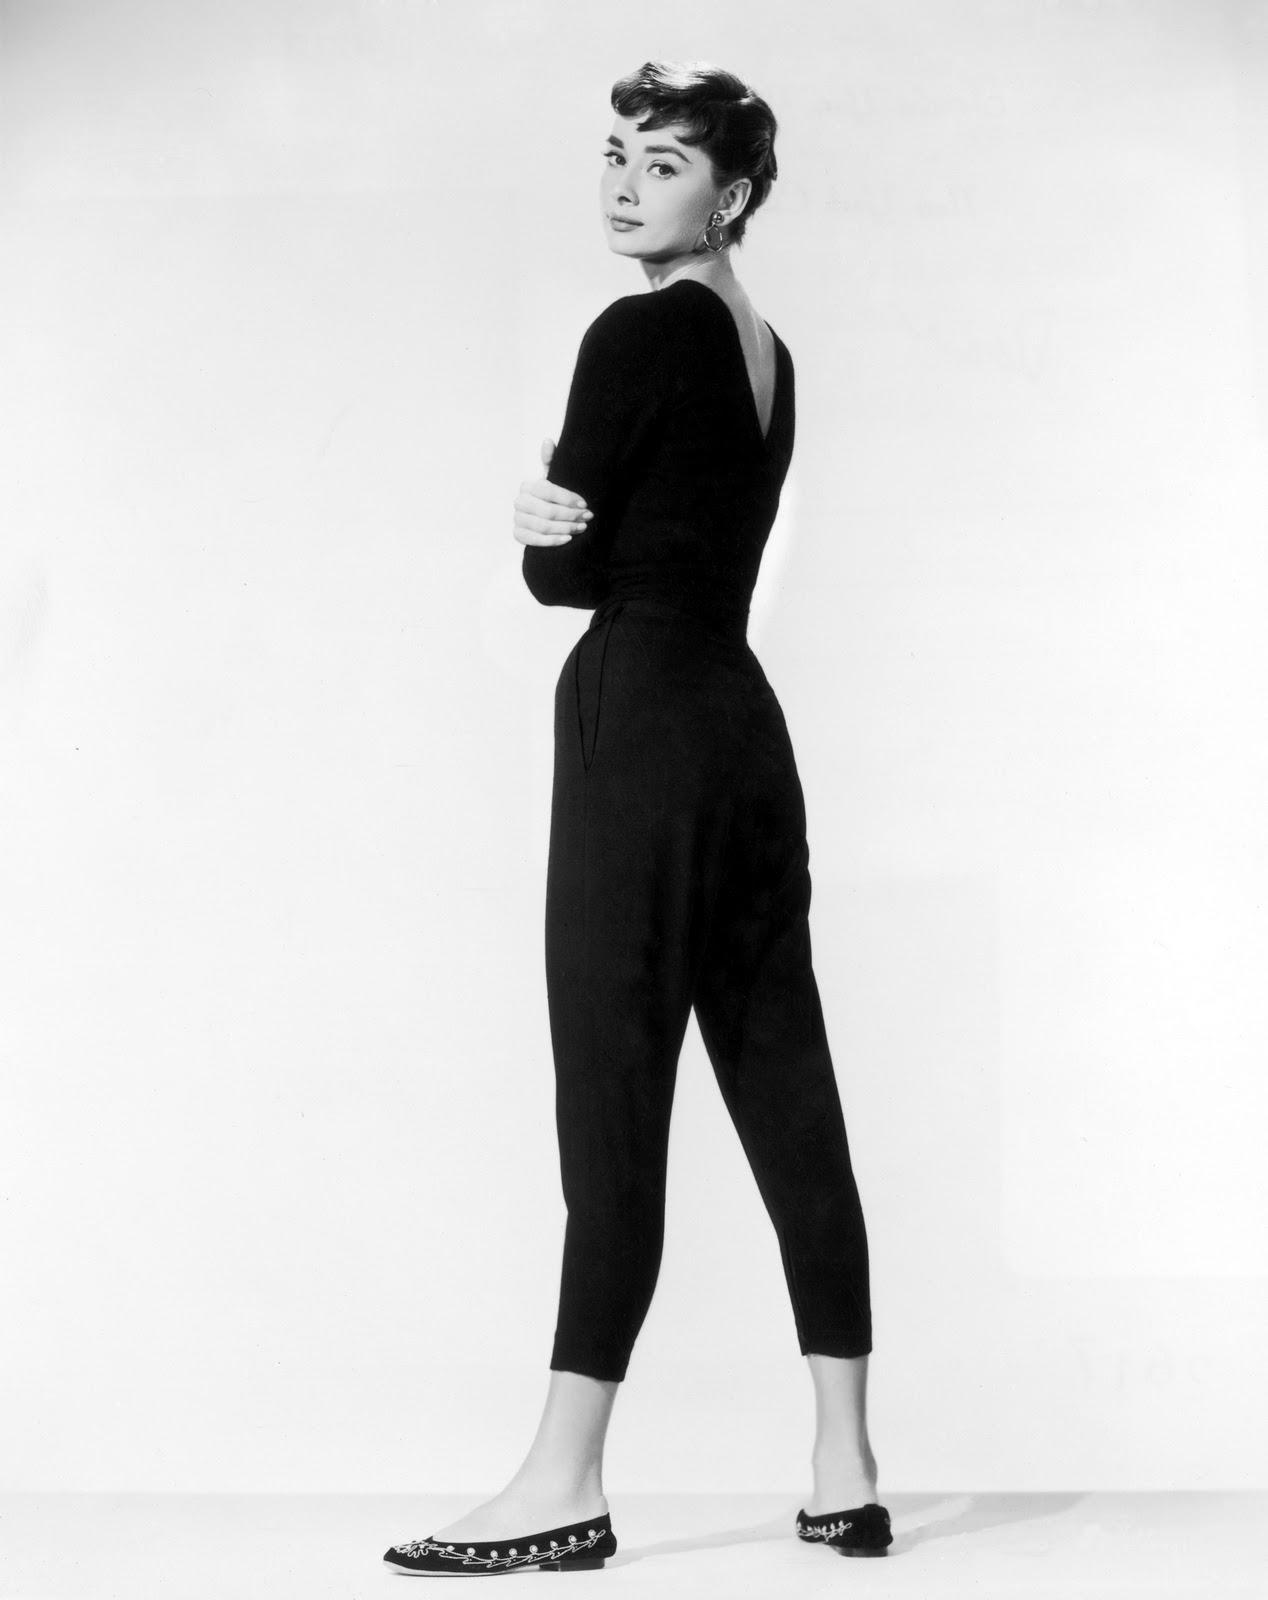 http://1.bp.blogspot.com/_BWzuYwiS6-I/TKs8iFzwevI/AAAAAAAAEiU/Uw7Re2f1TeA/s1600/Annex+-+Hepburn,+Audrey+(Sabrina)_17.jpg